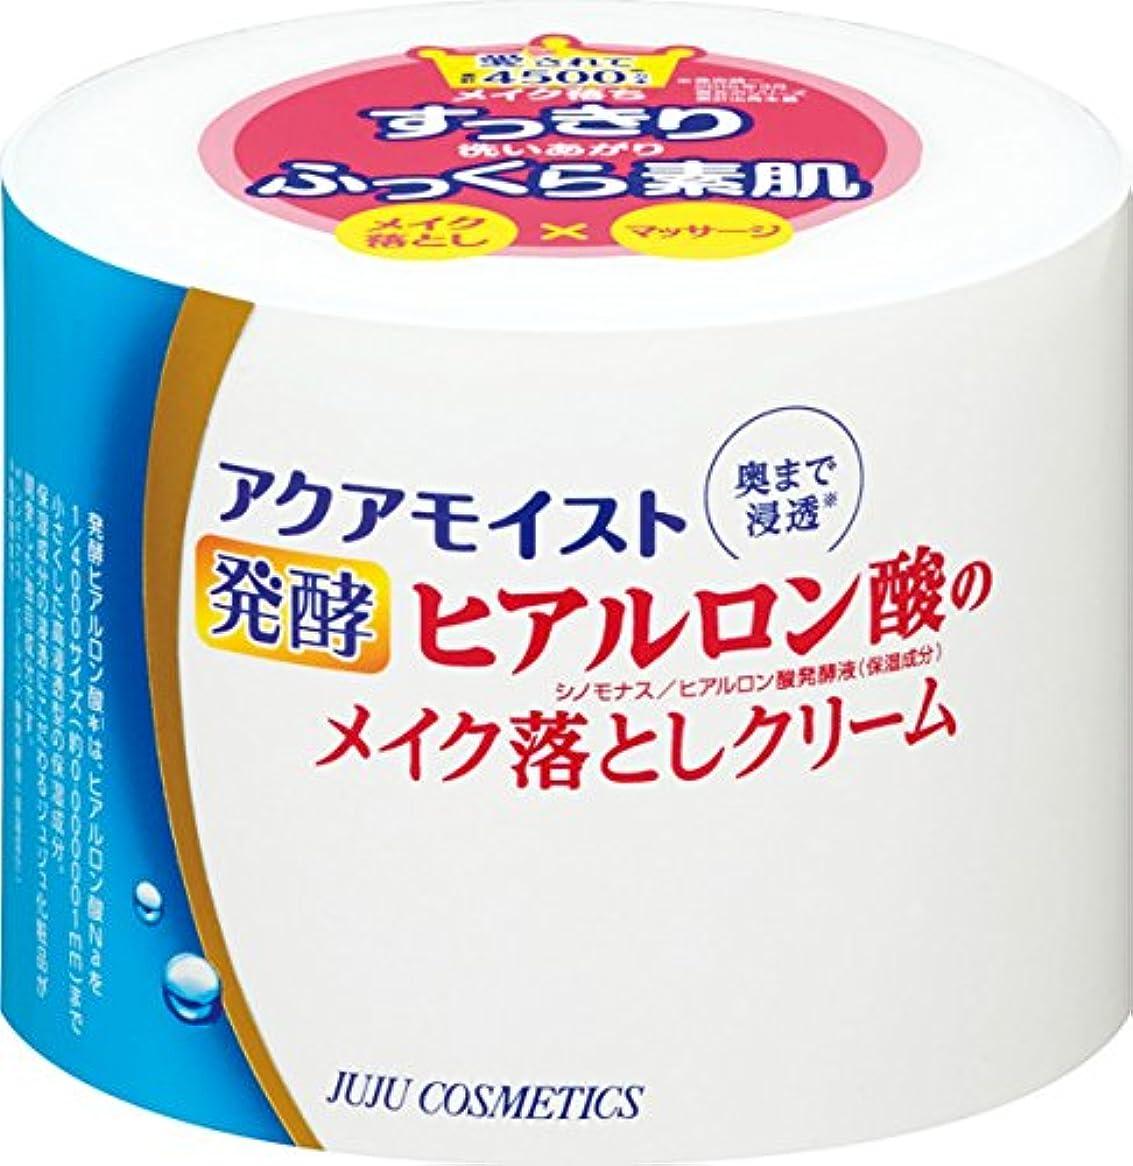 組立優雅な差別化するアクアモイスト 発酵ヒアルロン酸のメイク落としクリーム 160g